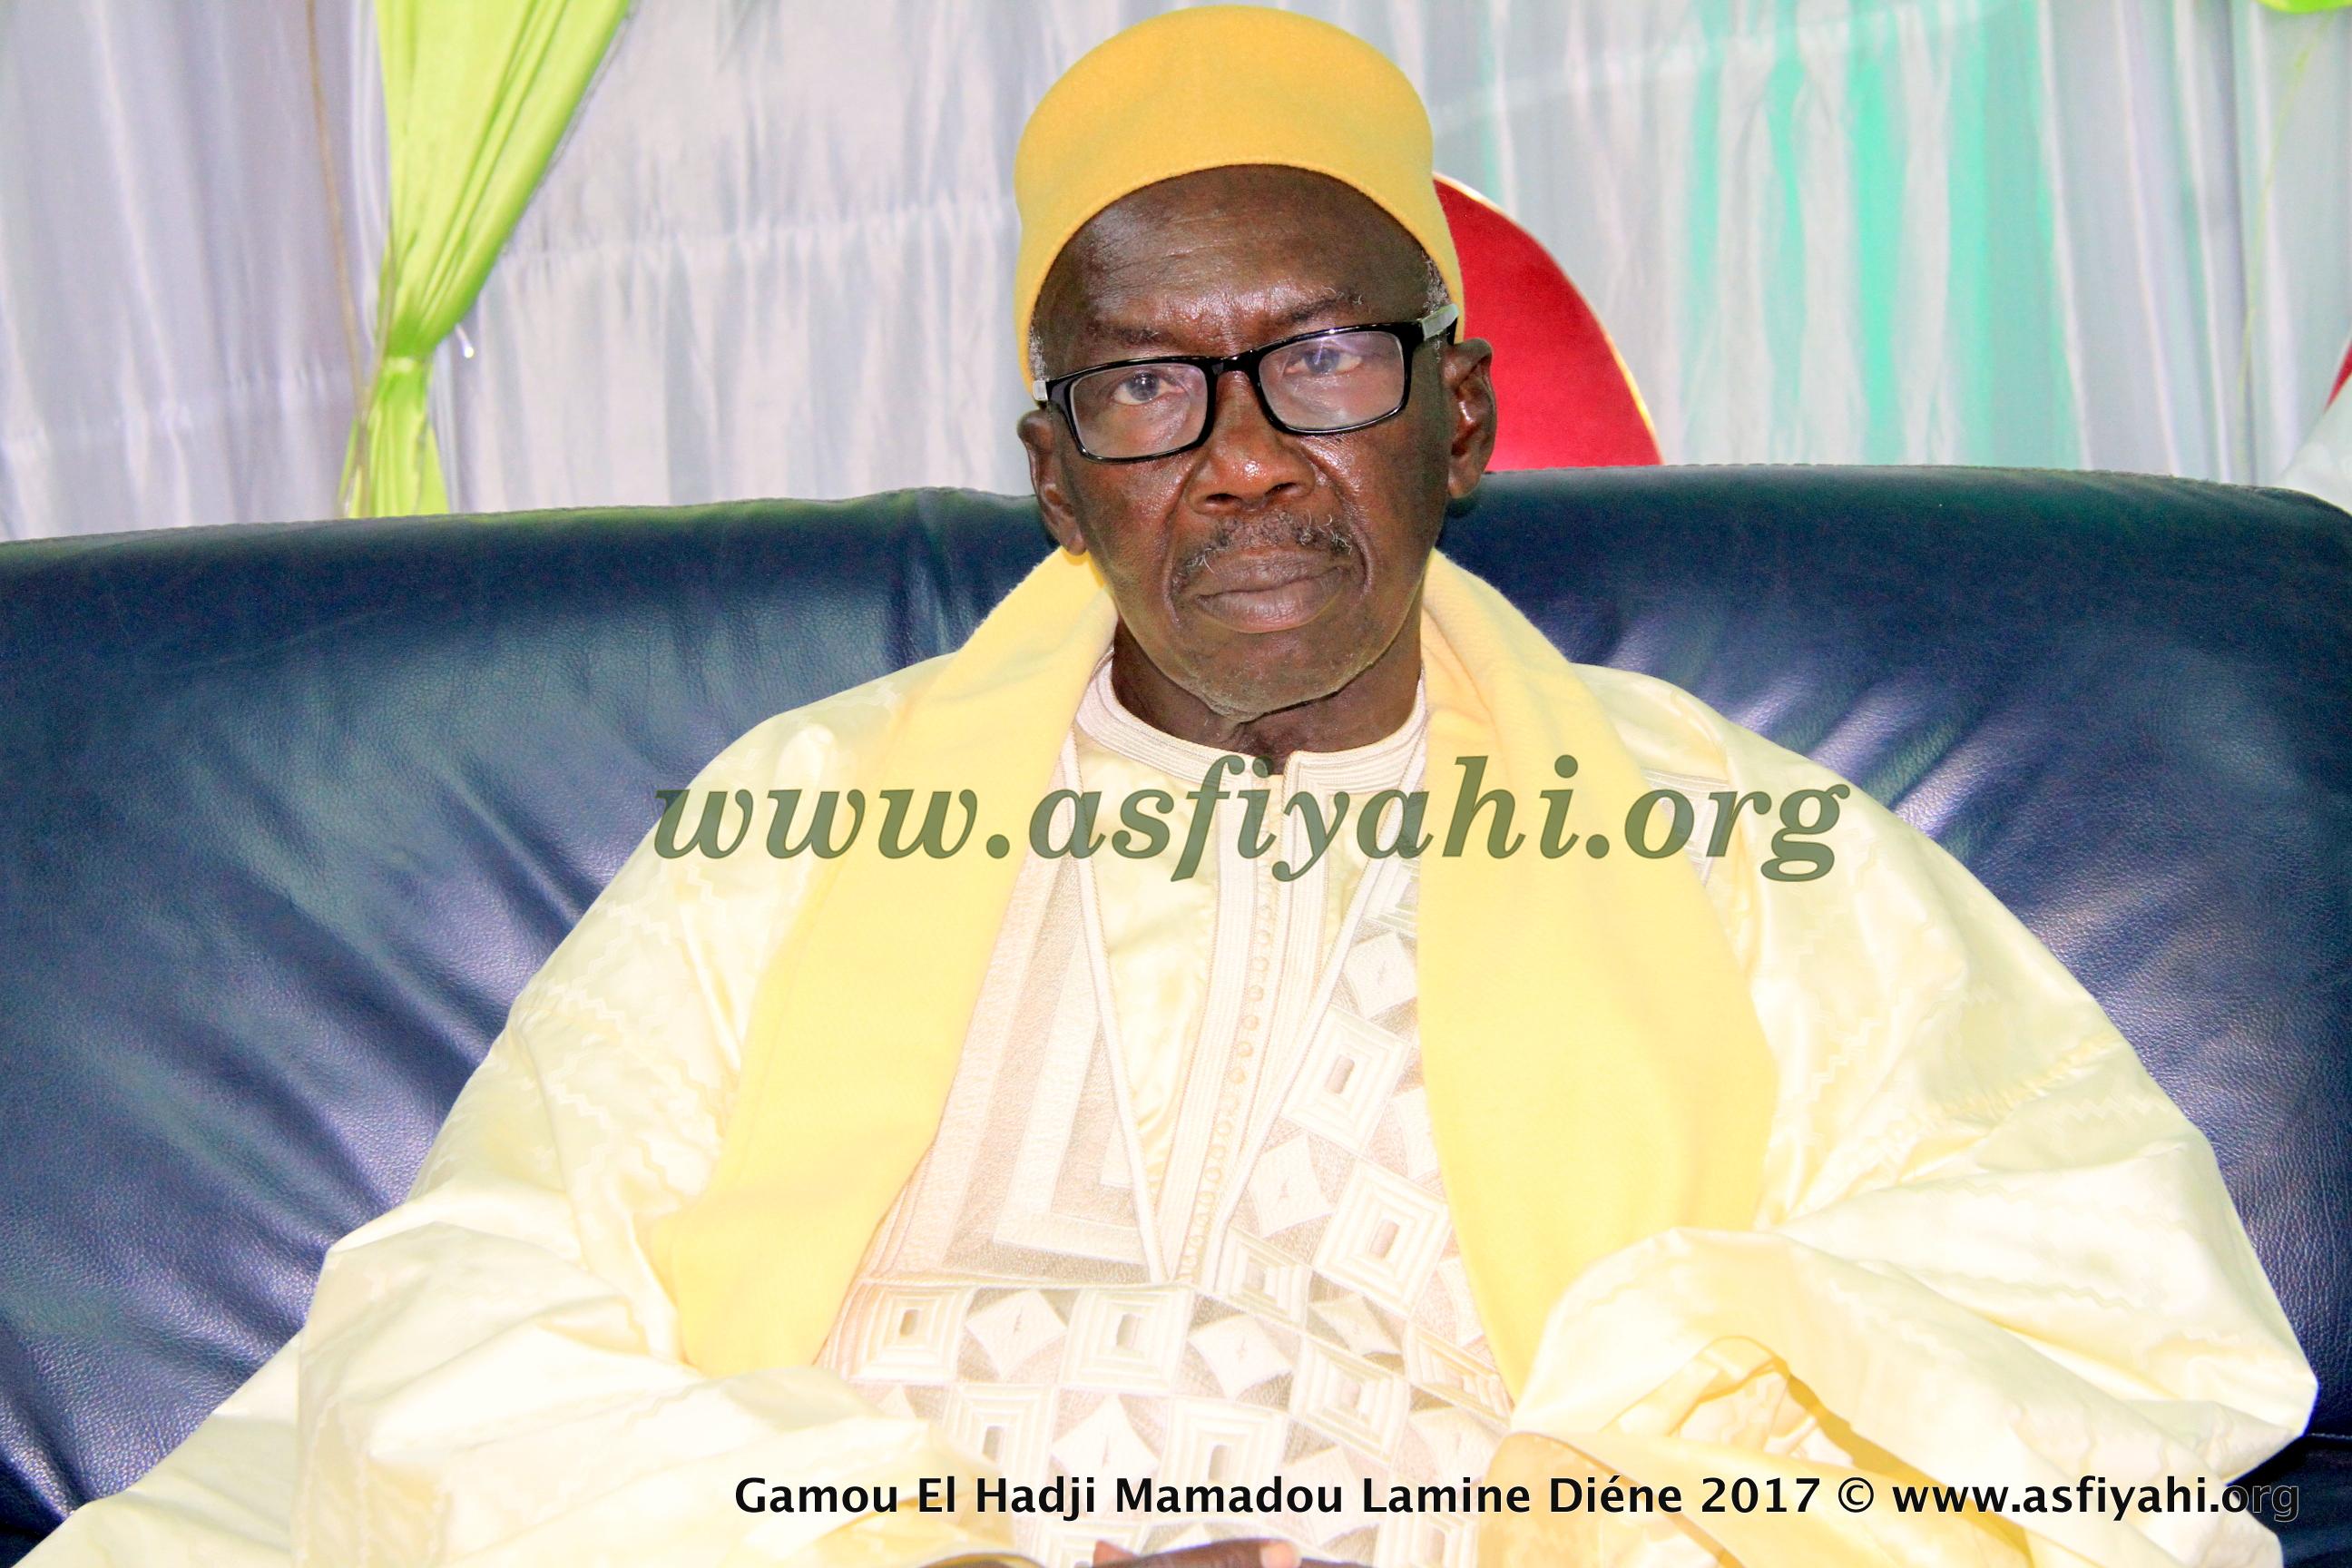 PHOTOS - 1ER AVRIL 2017 - Les Images du Gamou El hadj Amadou Lamine Diéne, edition 2017, présidé par Serigne Habib Sy Ibn Serigne Cheikh Tidiane Sy Al Maktoum